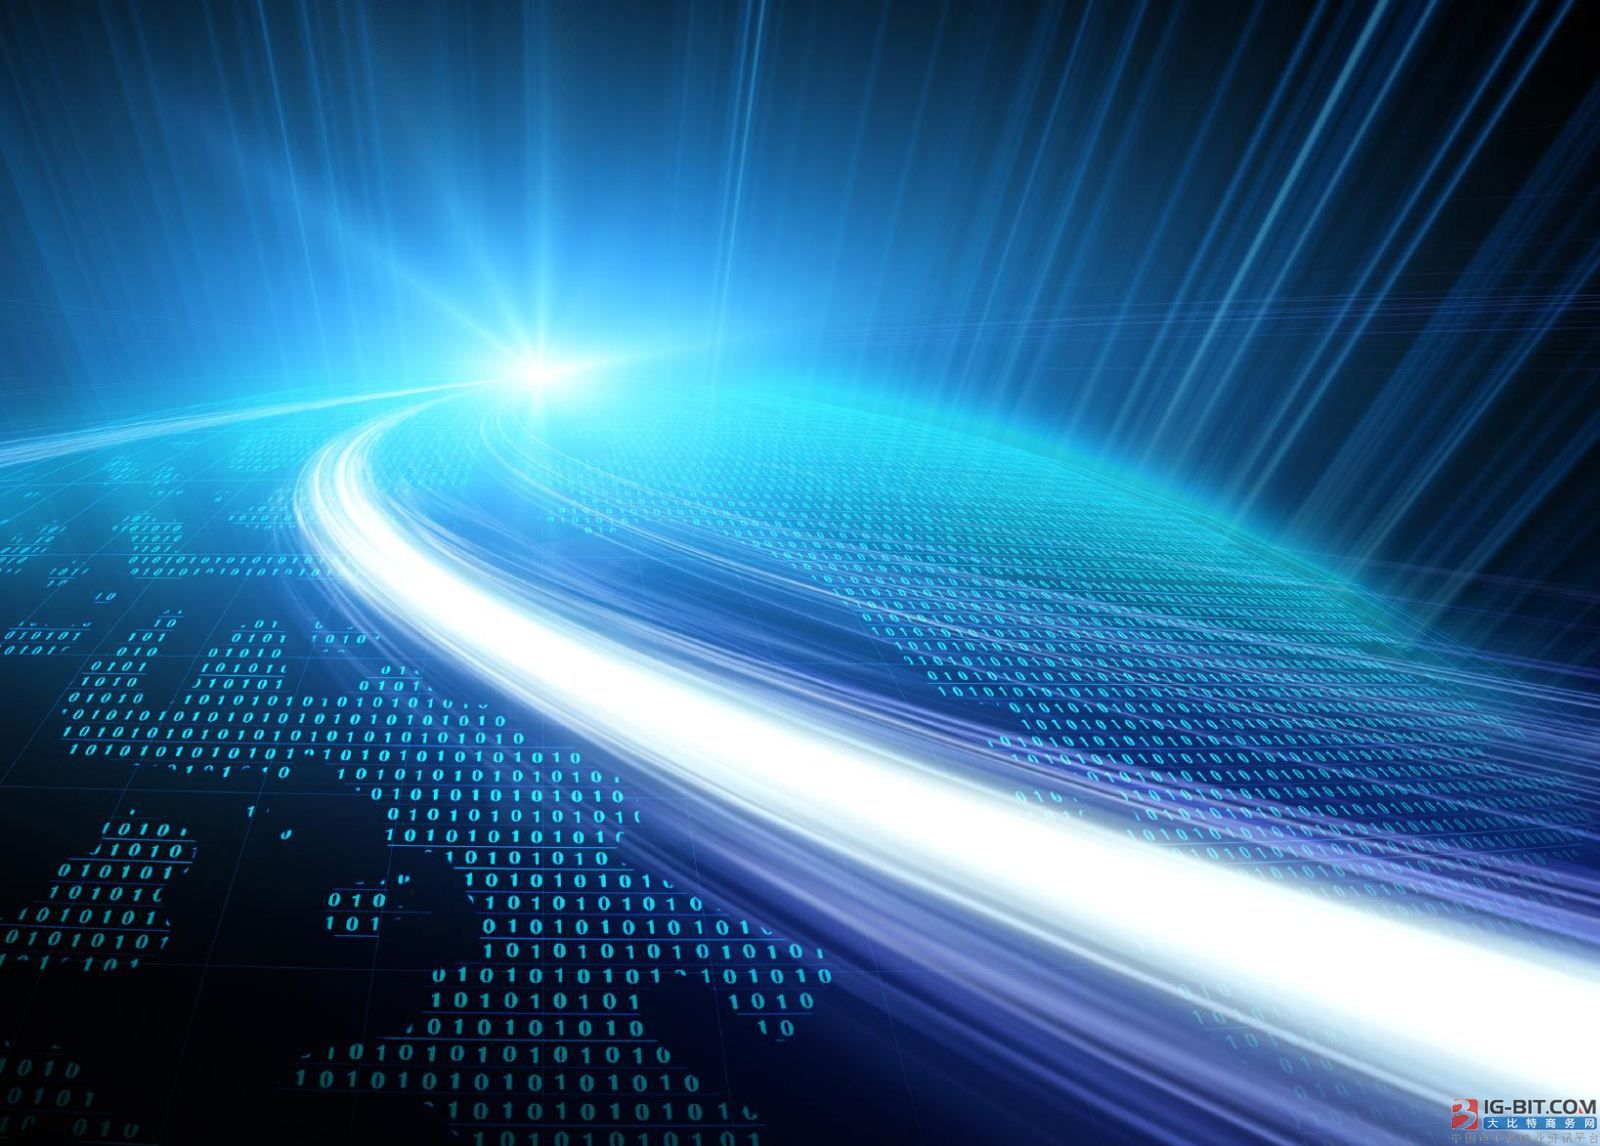 工信部发布Q1电信服务质量通告:全国移动电话用户14.7亿